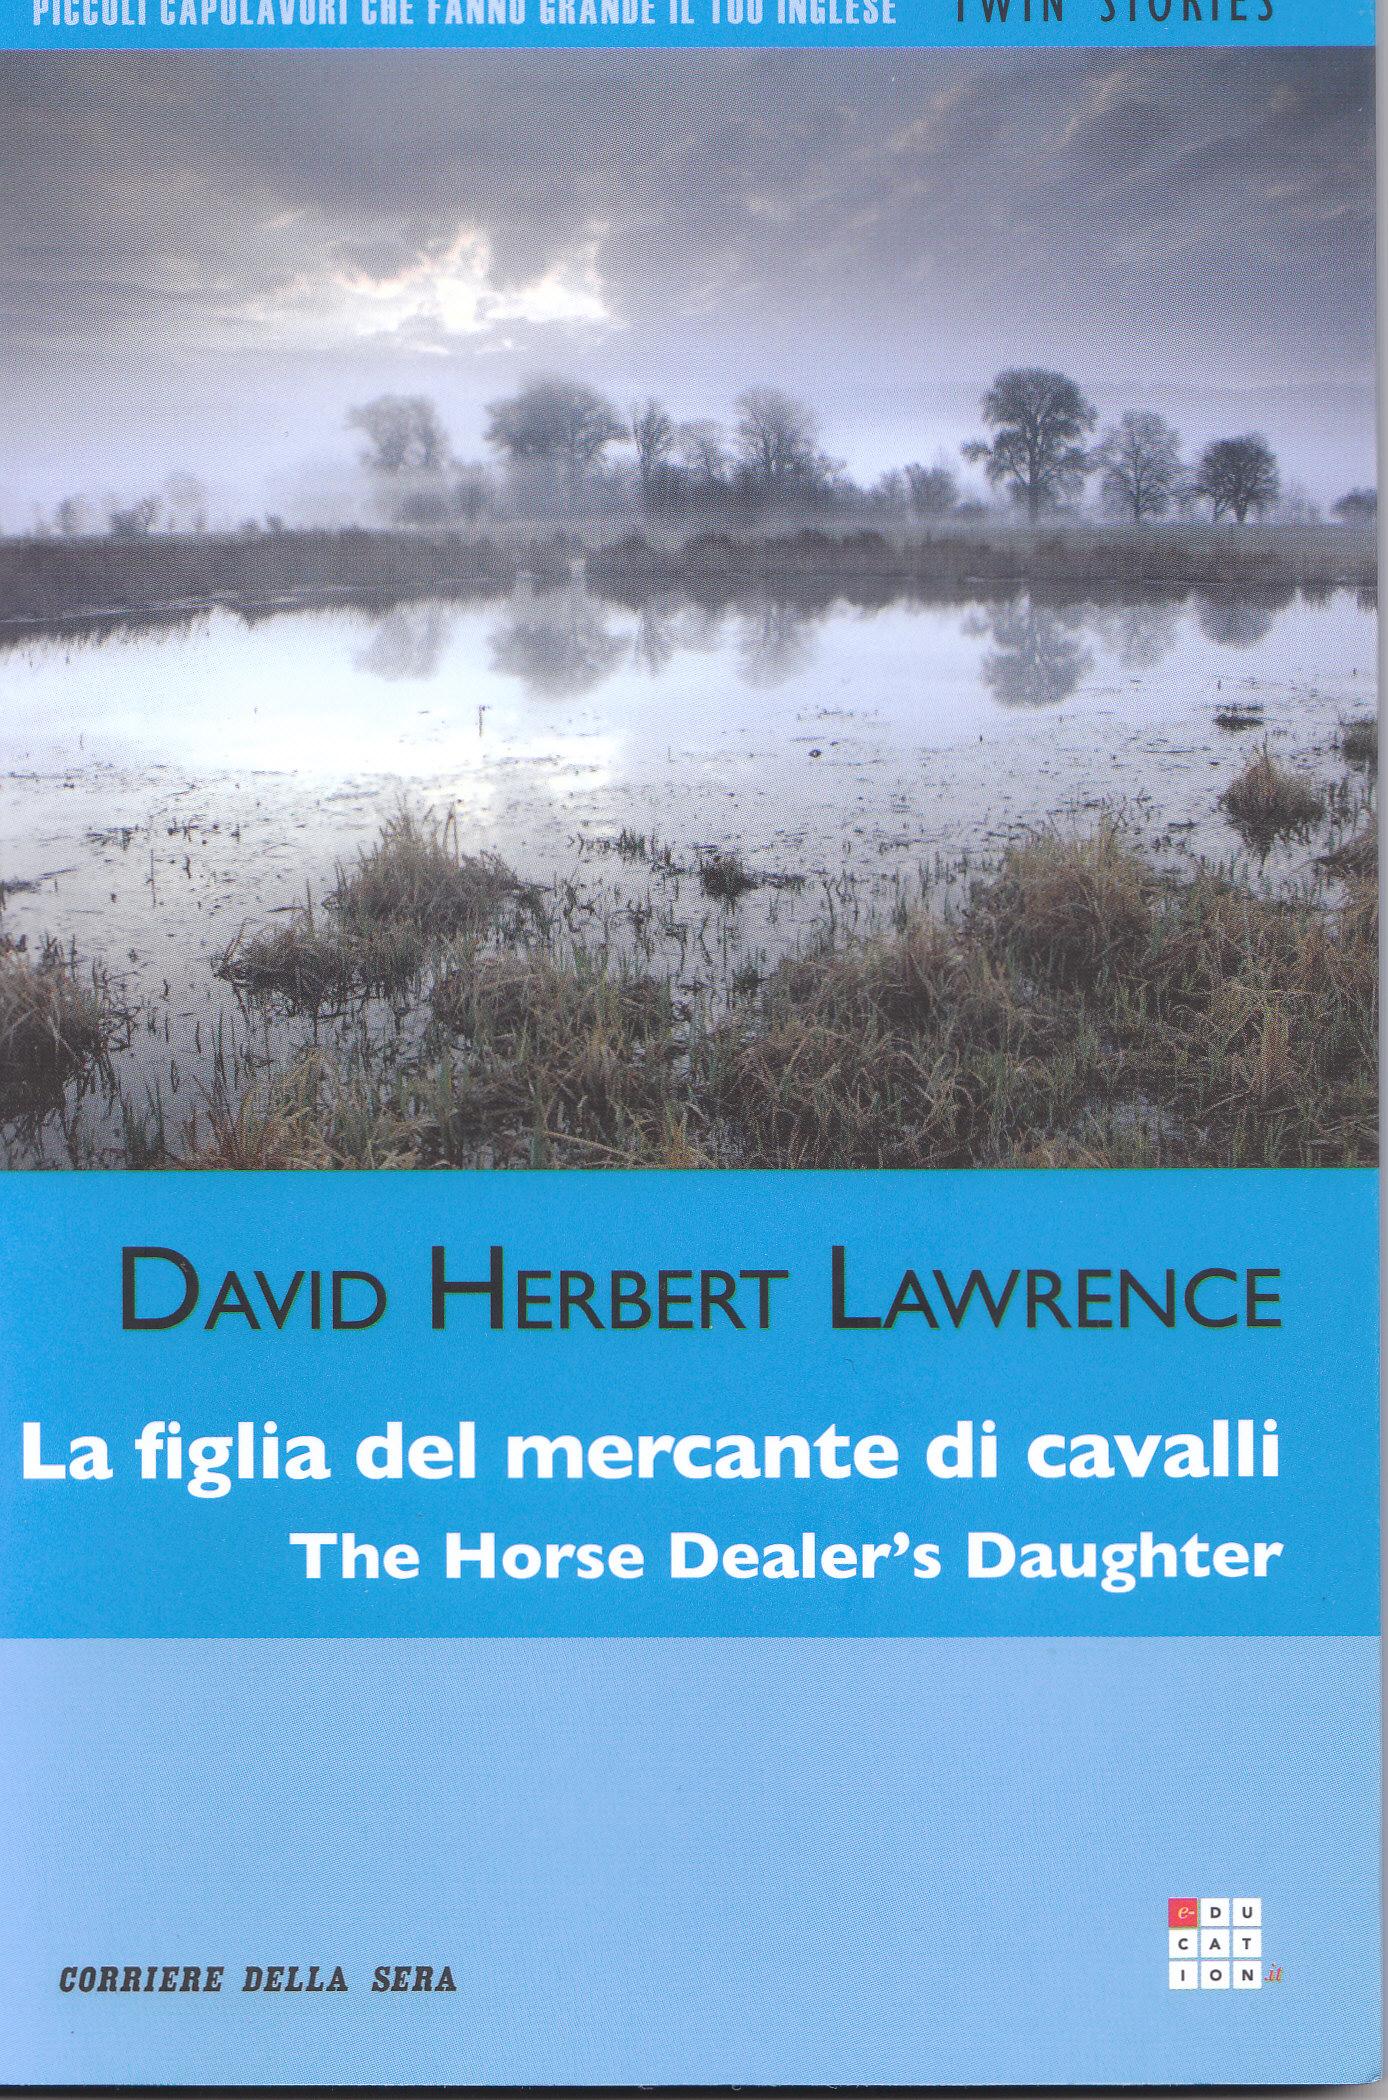 La figlia del mercante di cavalli/The Horse Dealer's Daughter